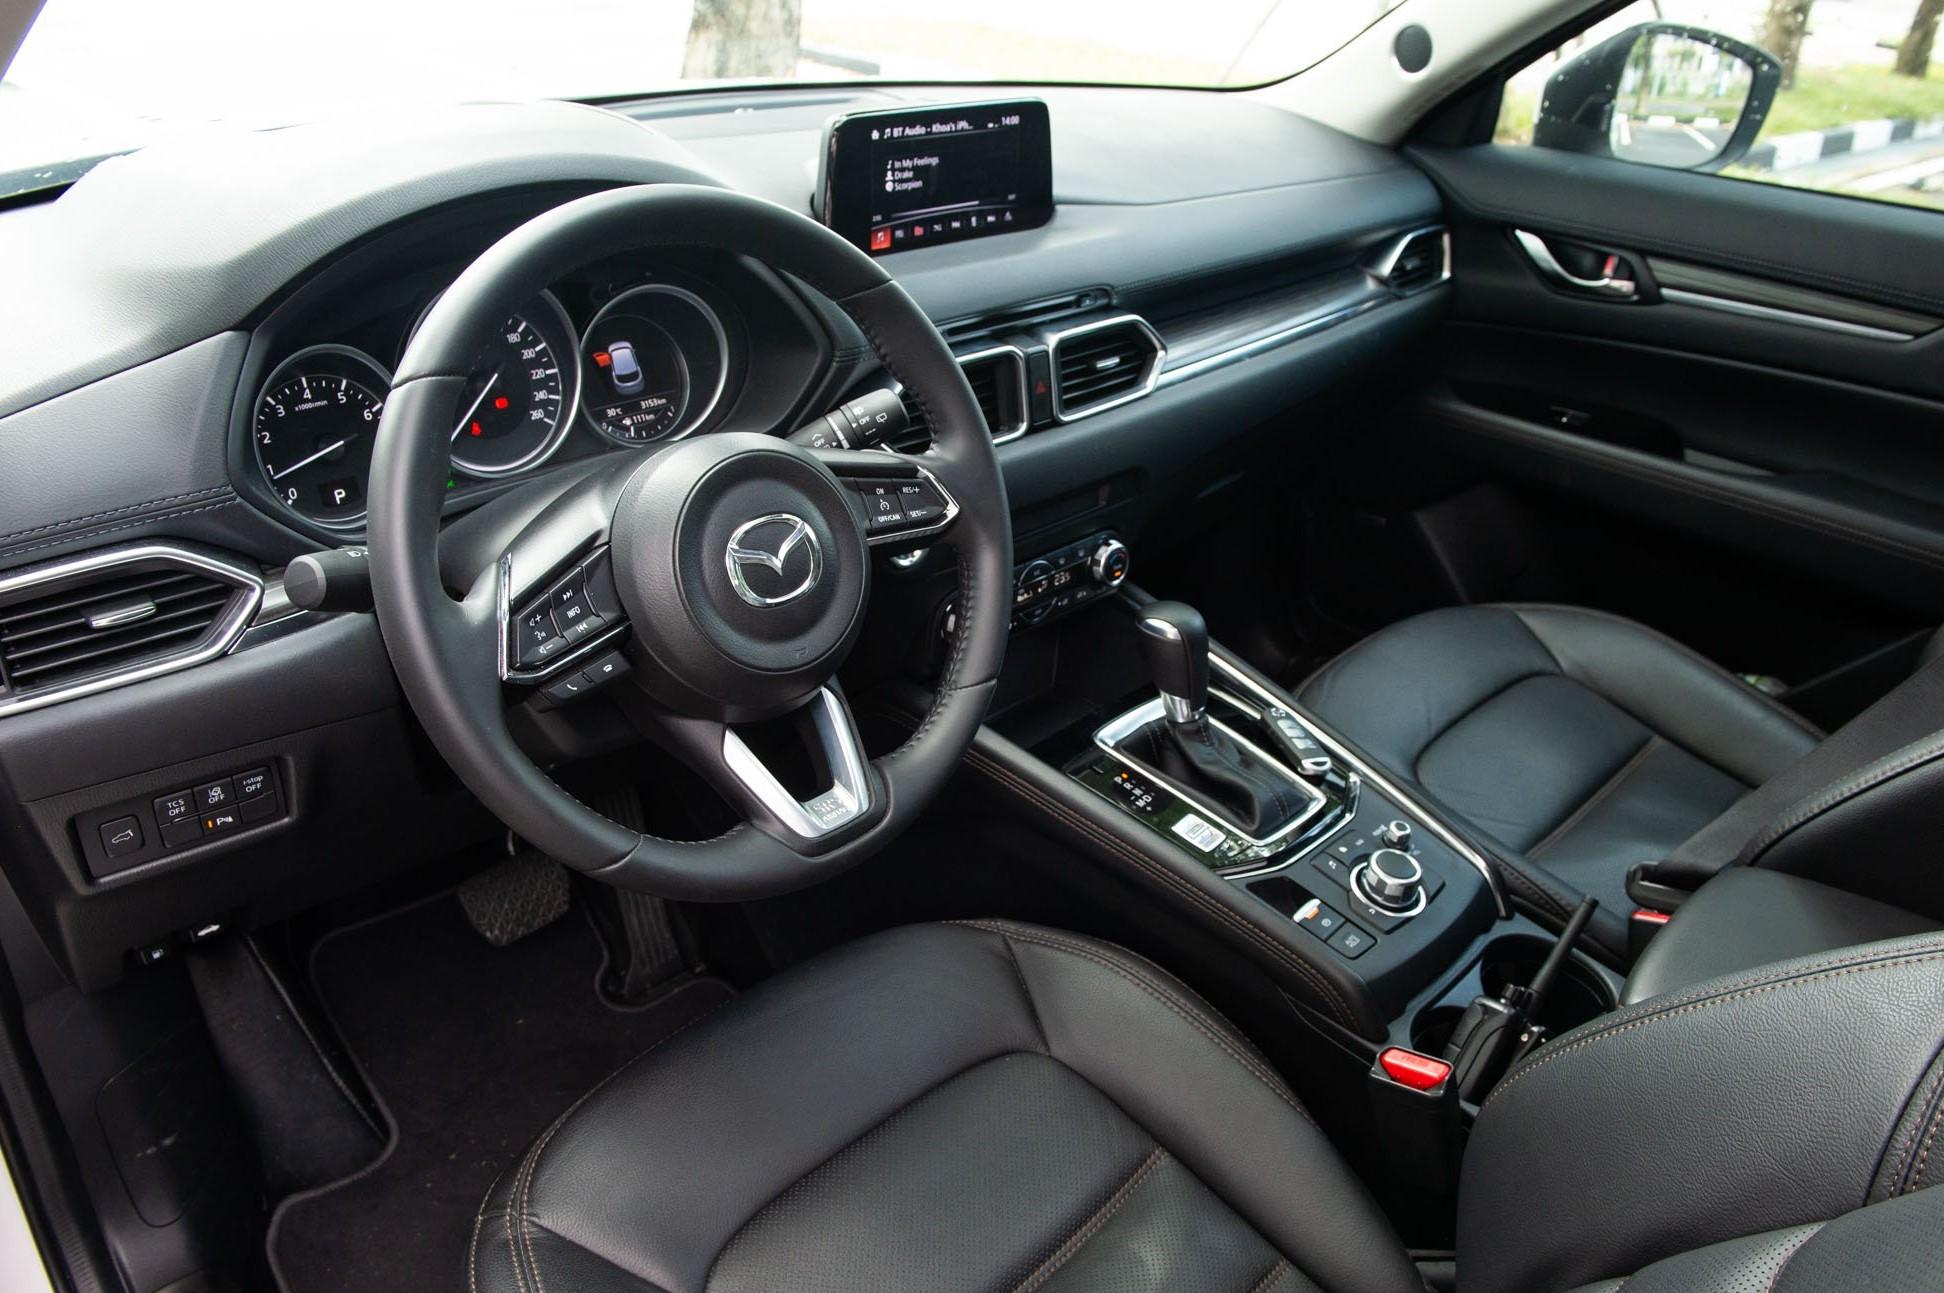 Nội thất Mazda CX-5 2021 mang phong cách tối giản hiện đại, sang trọng